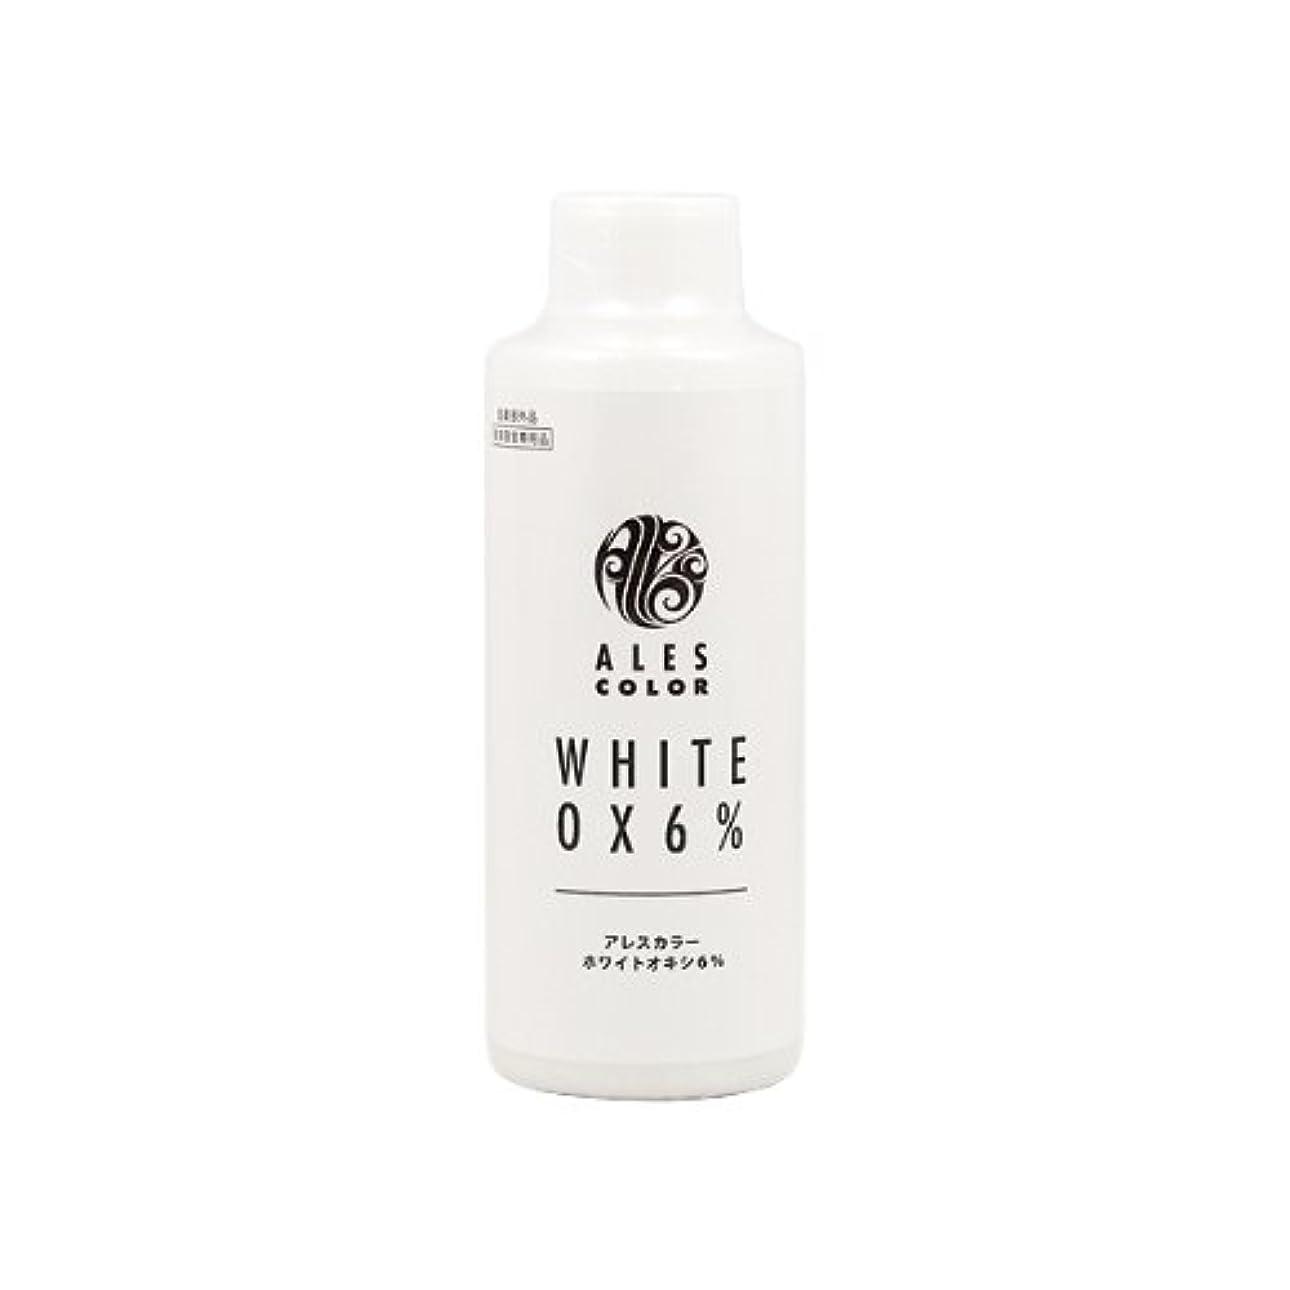 ドル製油所複製するアレスインターナショナル アレスカラー ホワイトオキシ6% 120ml